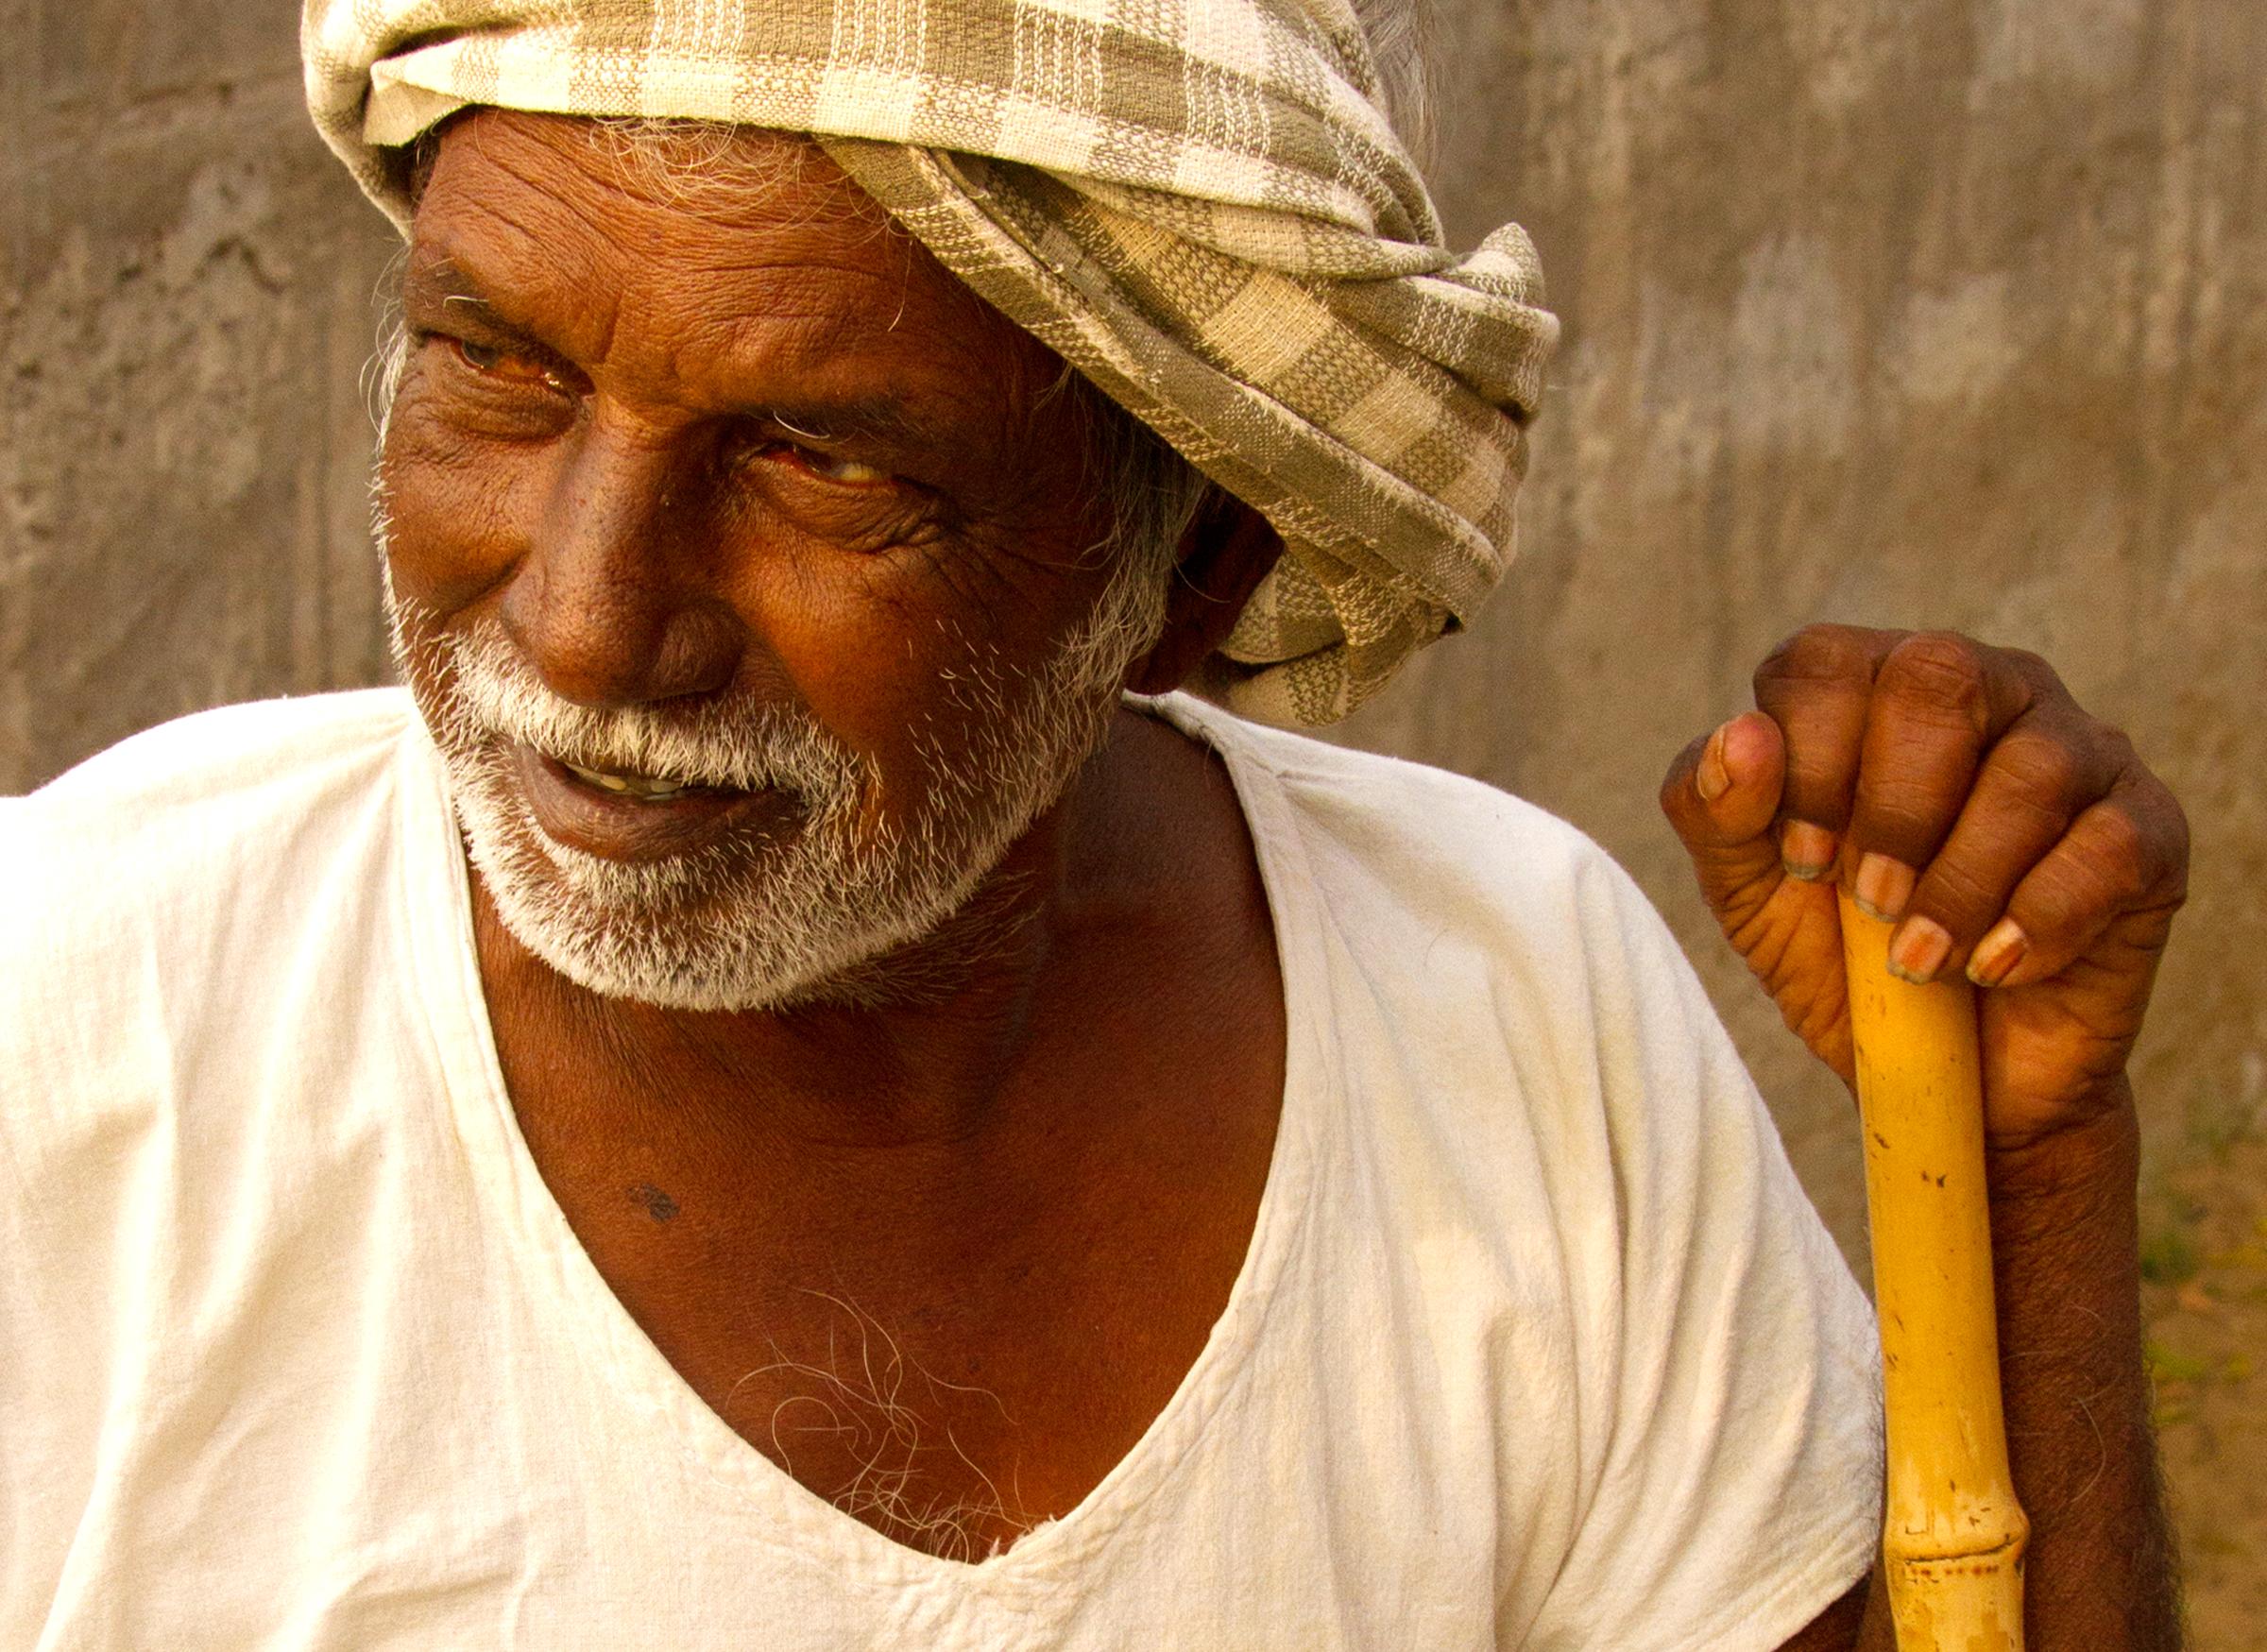 Old man in India Vijayawada